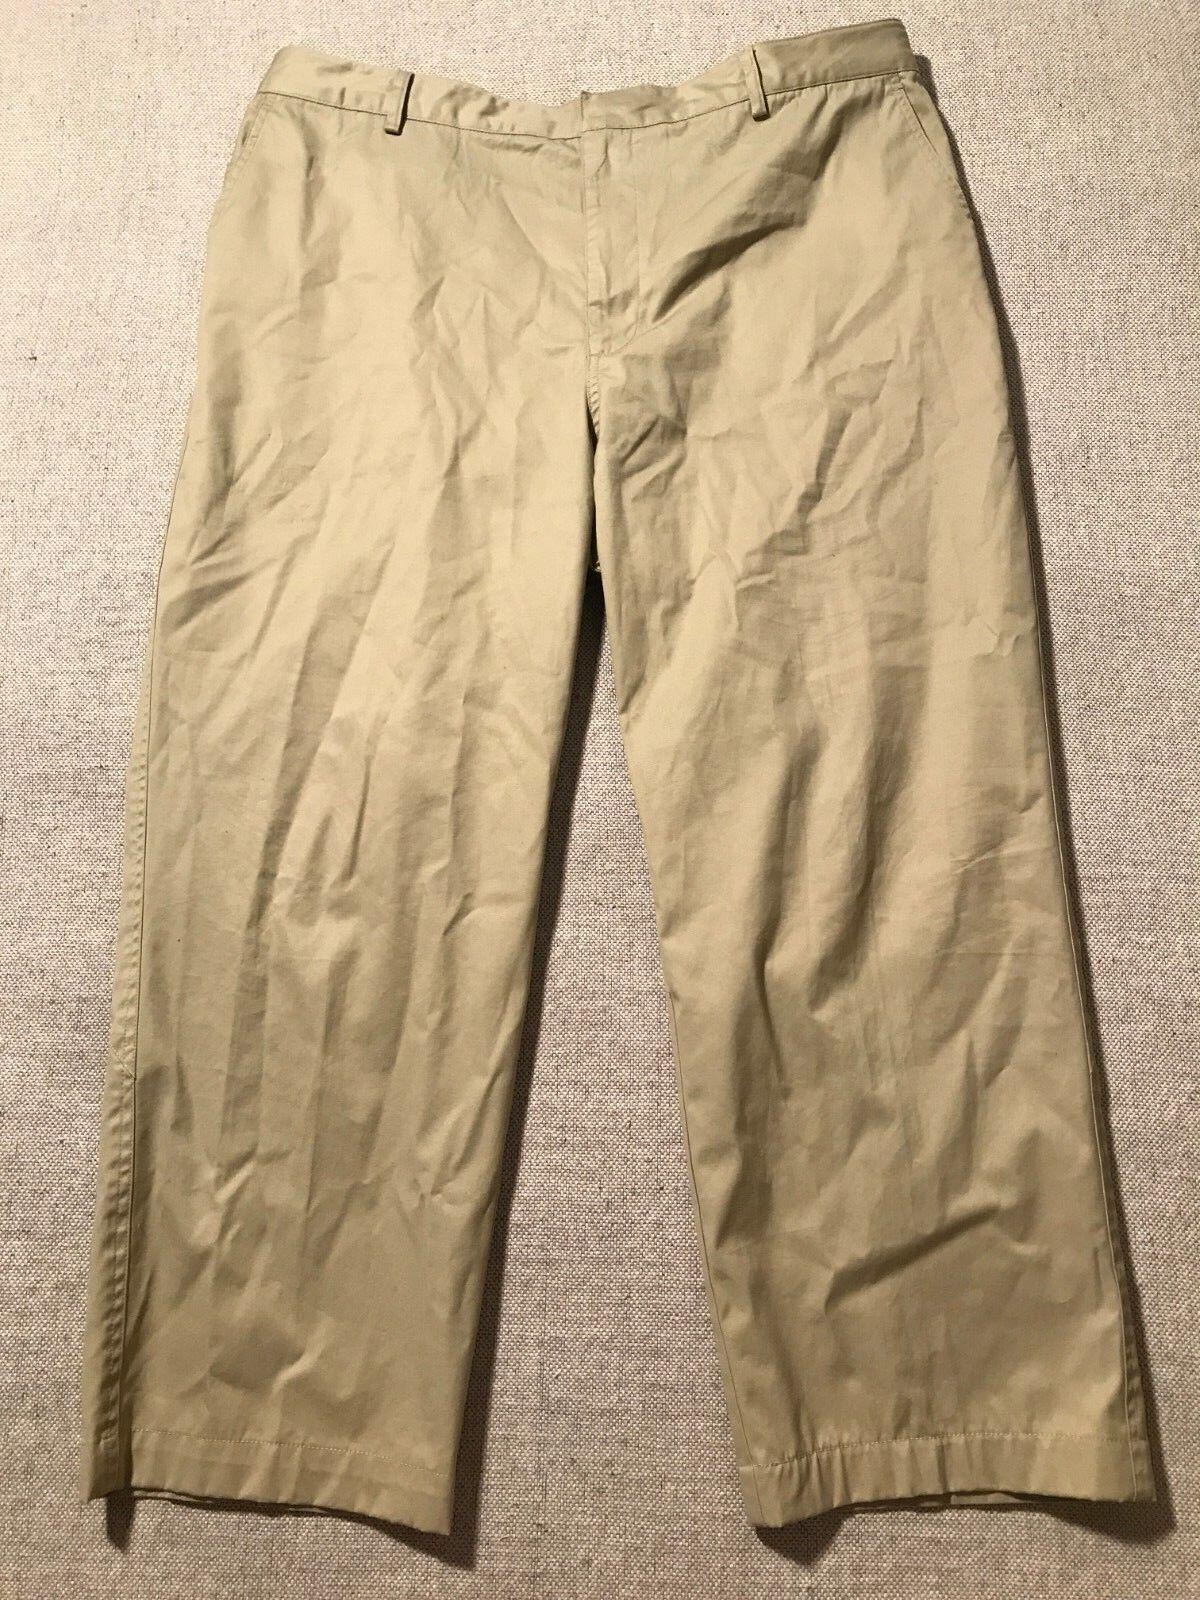 Zero Restriction Men's Flat Front Khaki Pants Beige See Meas  C9